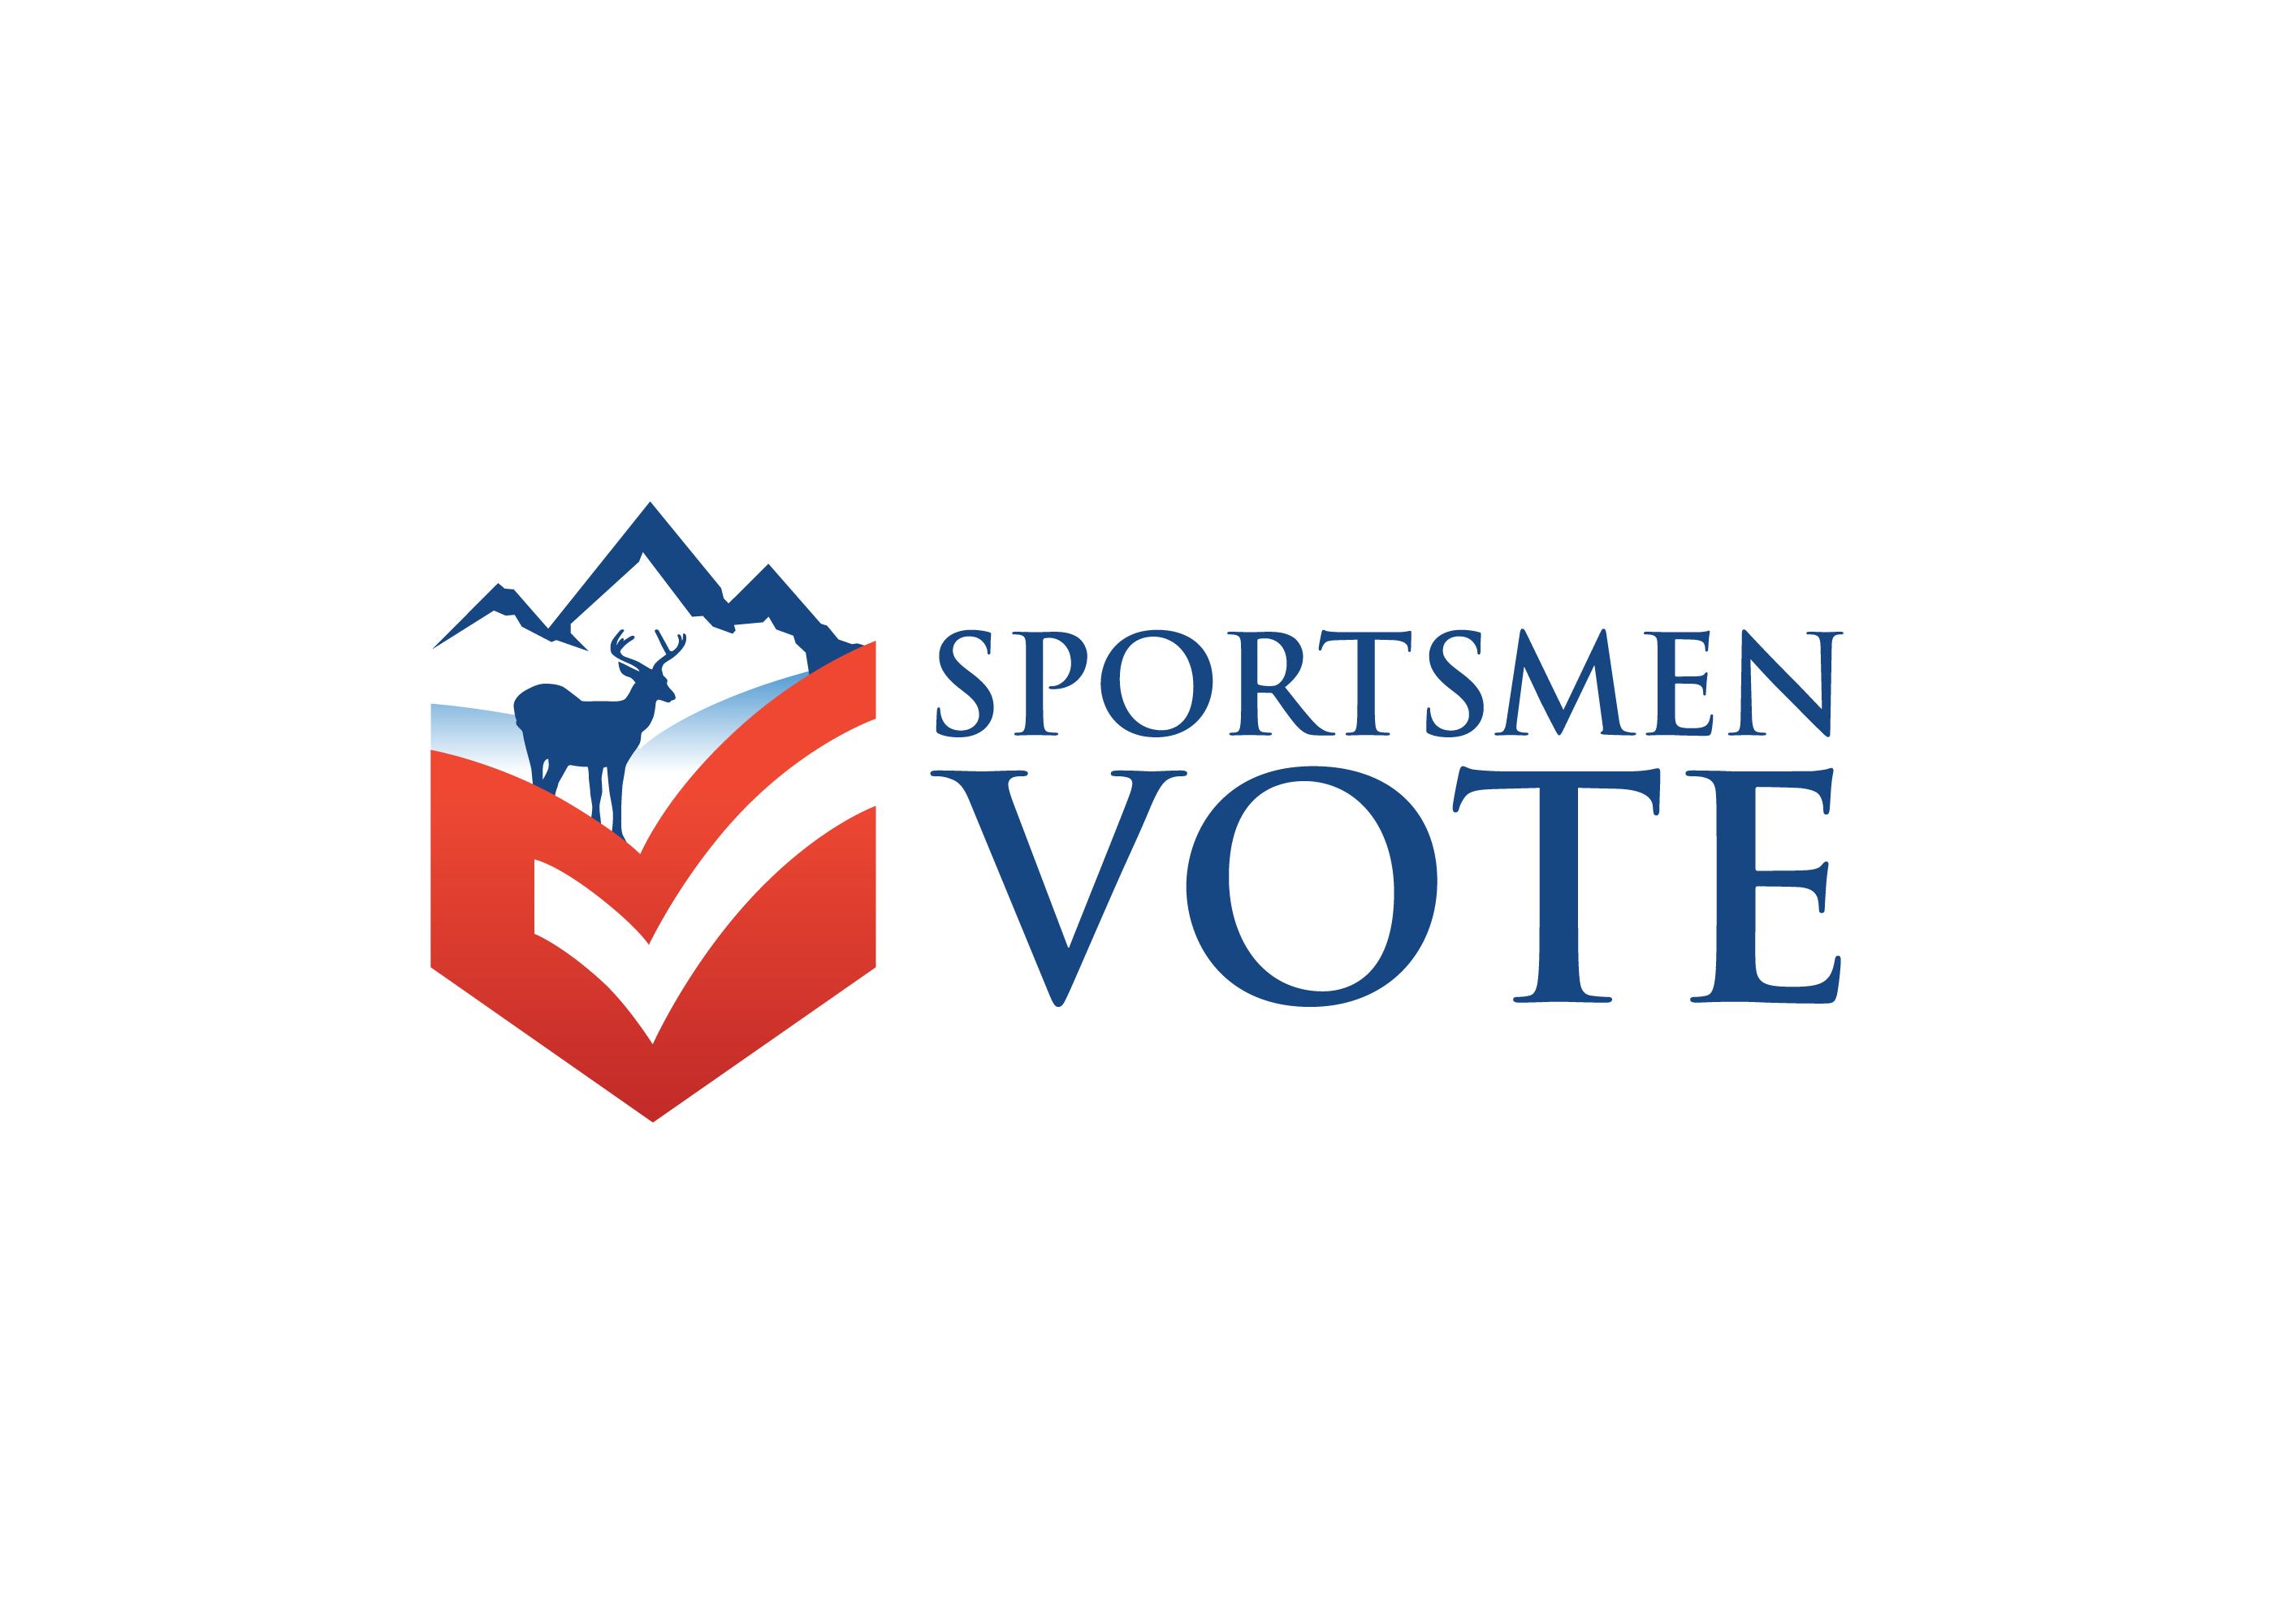 Sportsmen Vote Campaign Logo